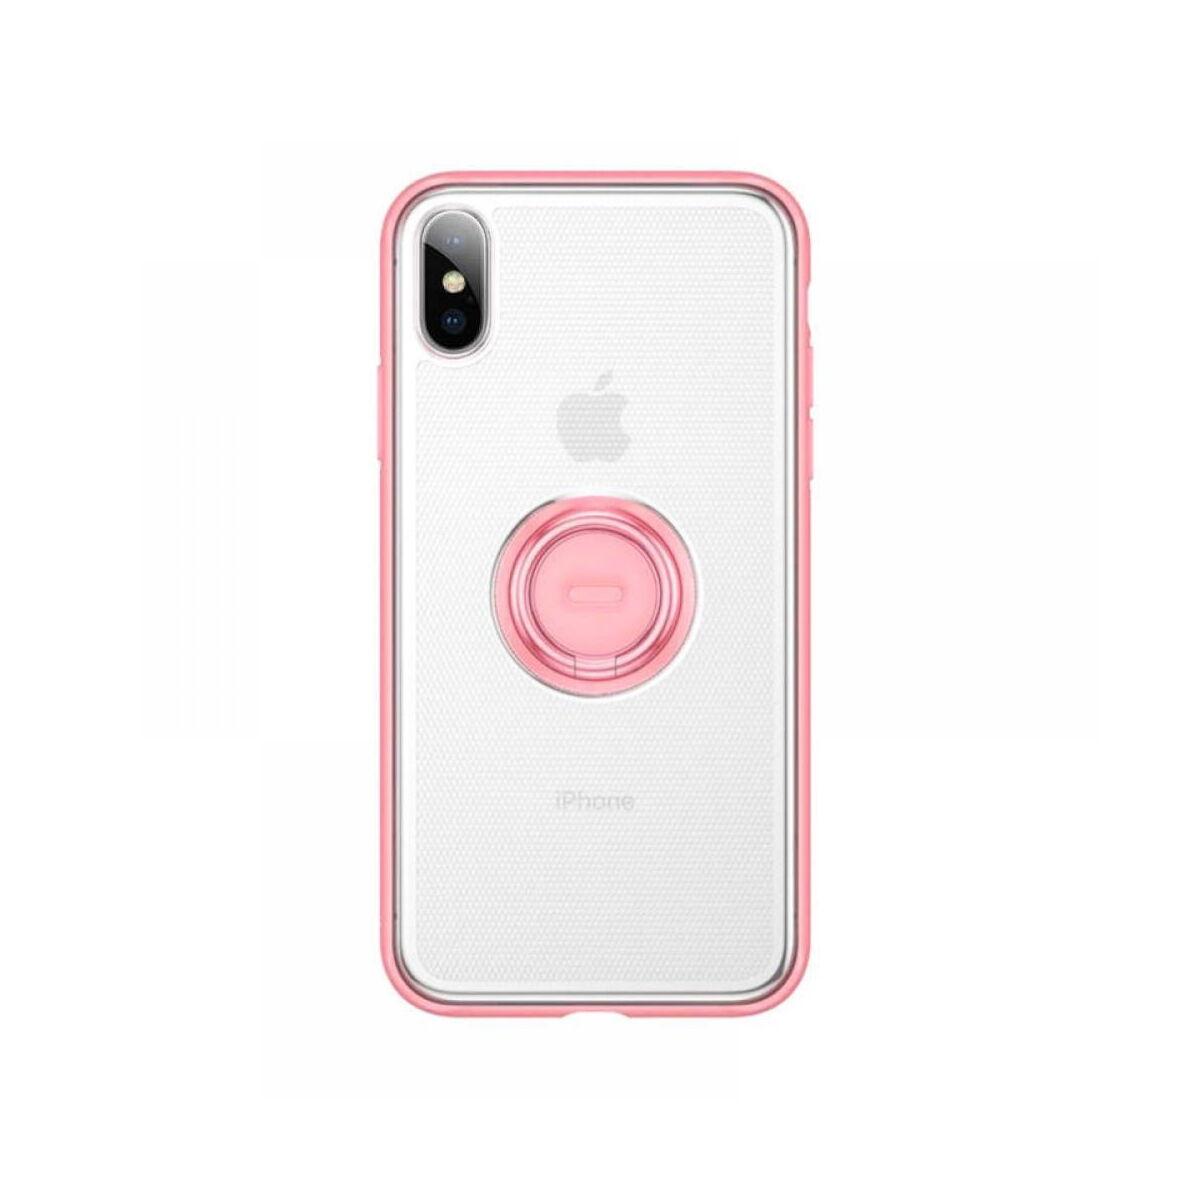 Baseus iPhone XS telefontartó, gyűrűs tok, rózsaszín (WIAPIPH58-YD04)